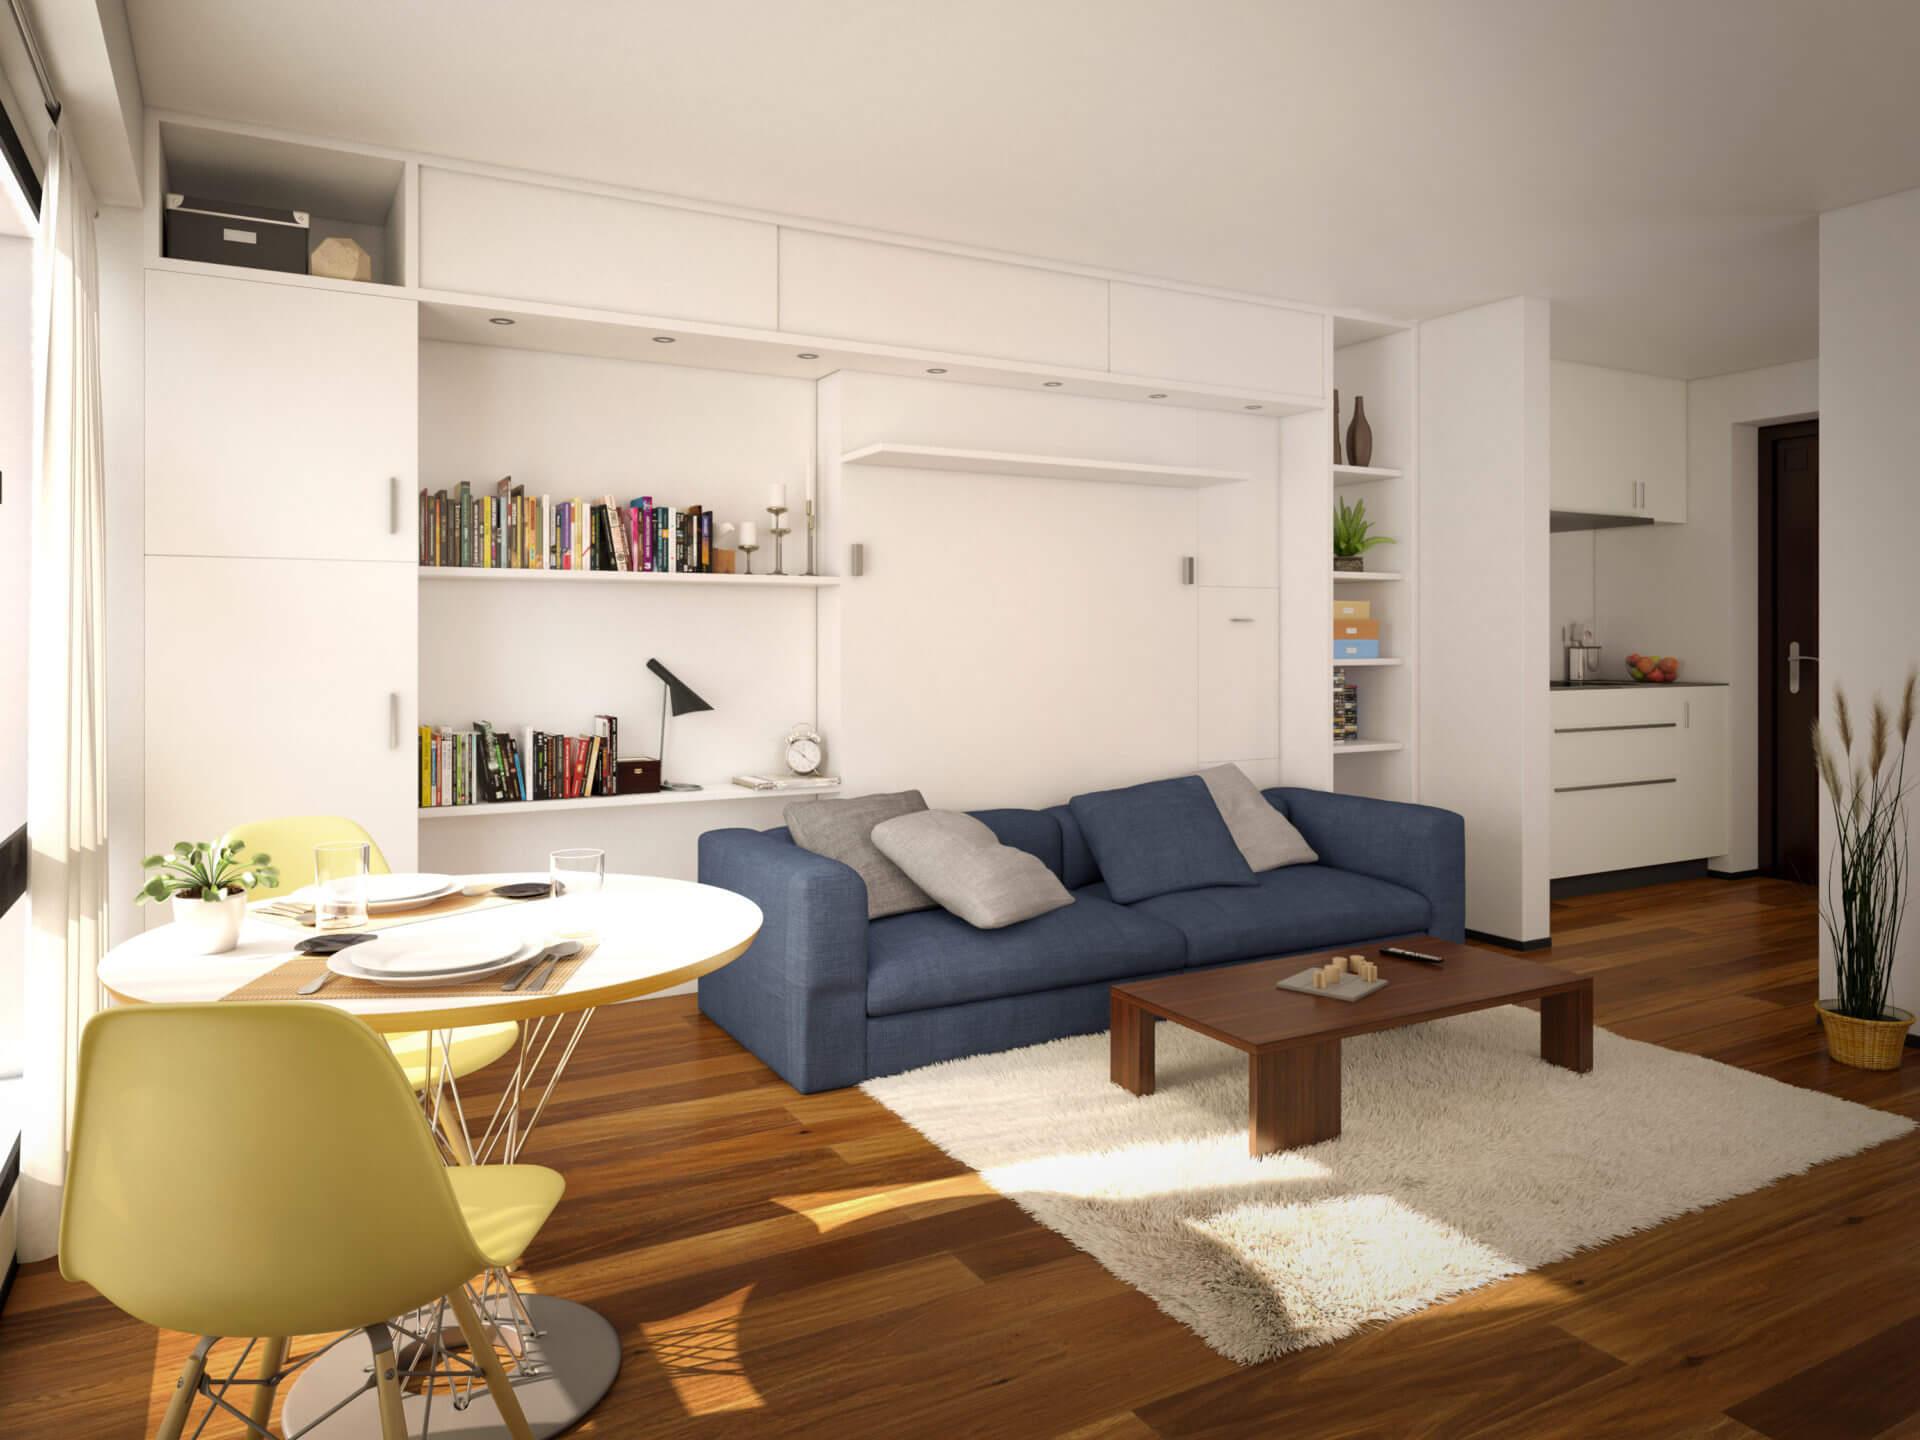 Studio neuf vendre bruxelles immobilier neuf qubrik for Studio neuf